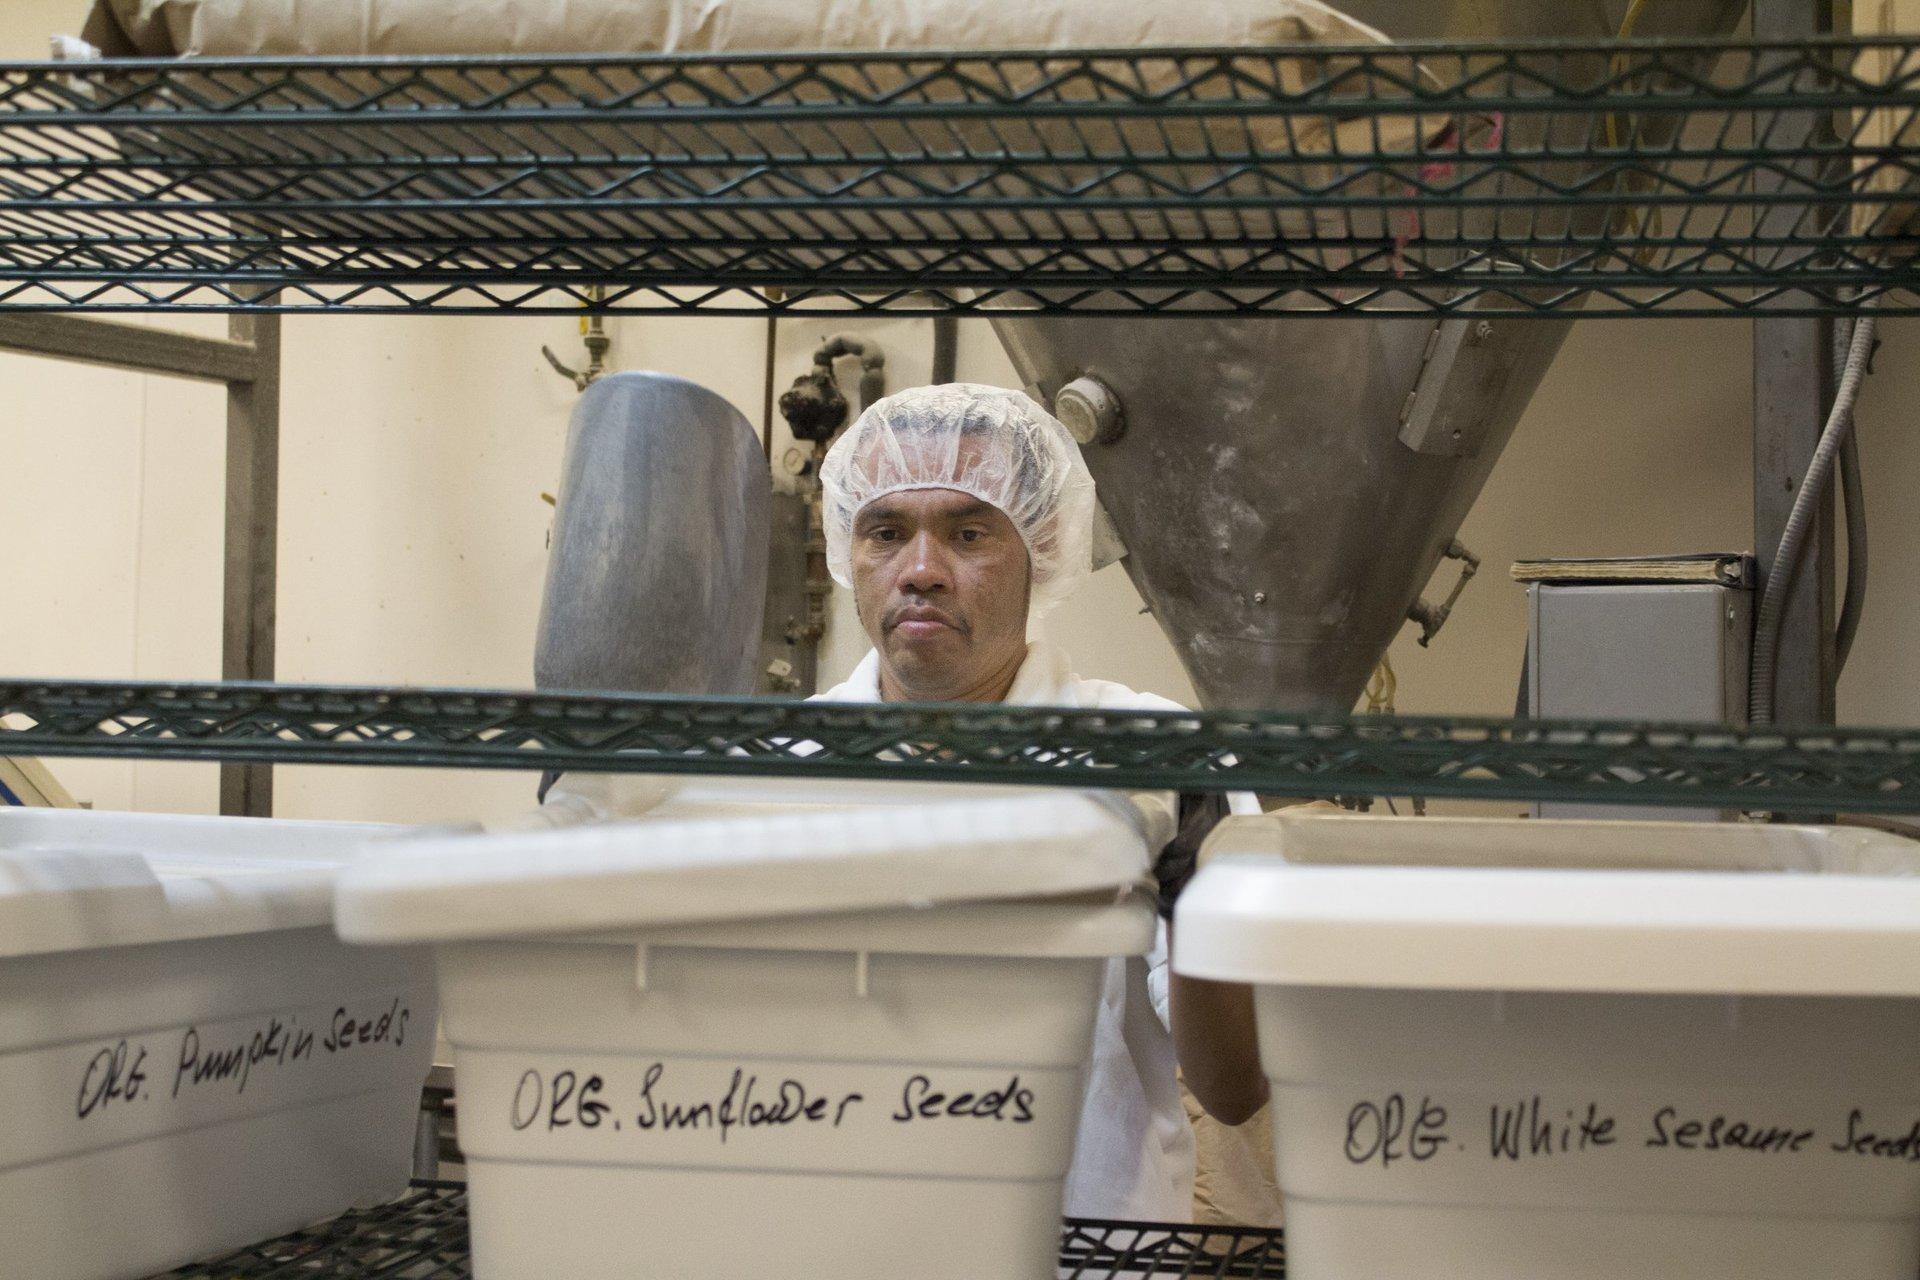 Oasis Breads Baker preparing flour